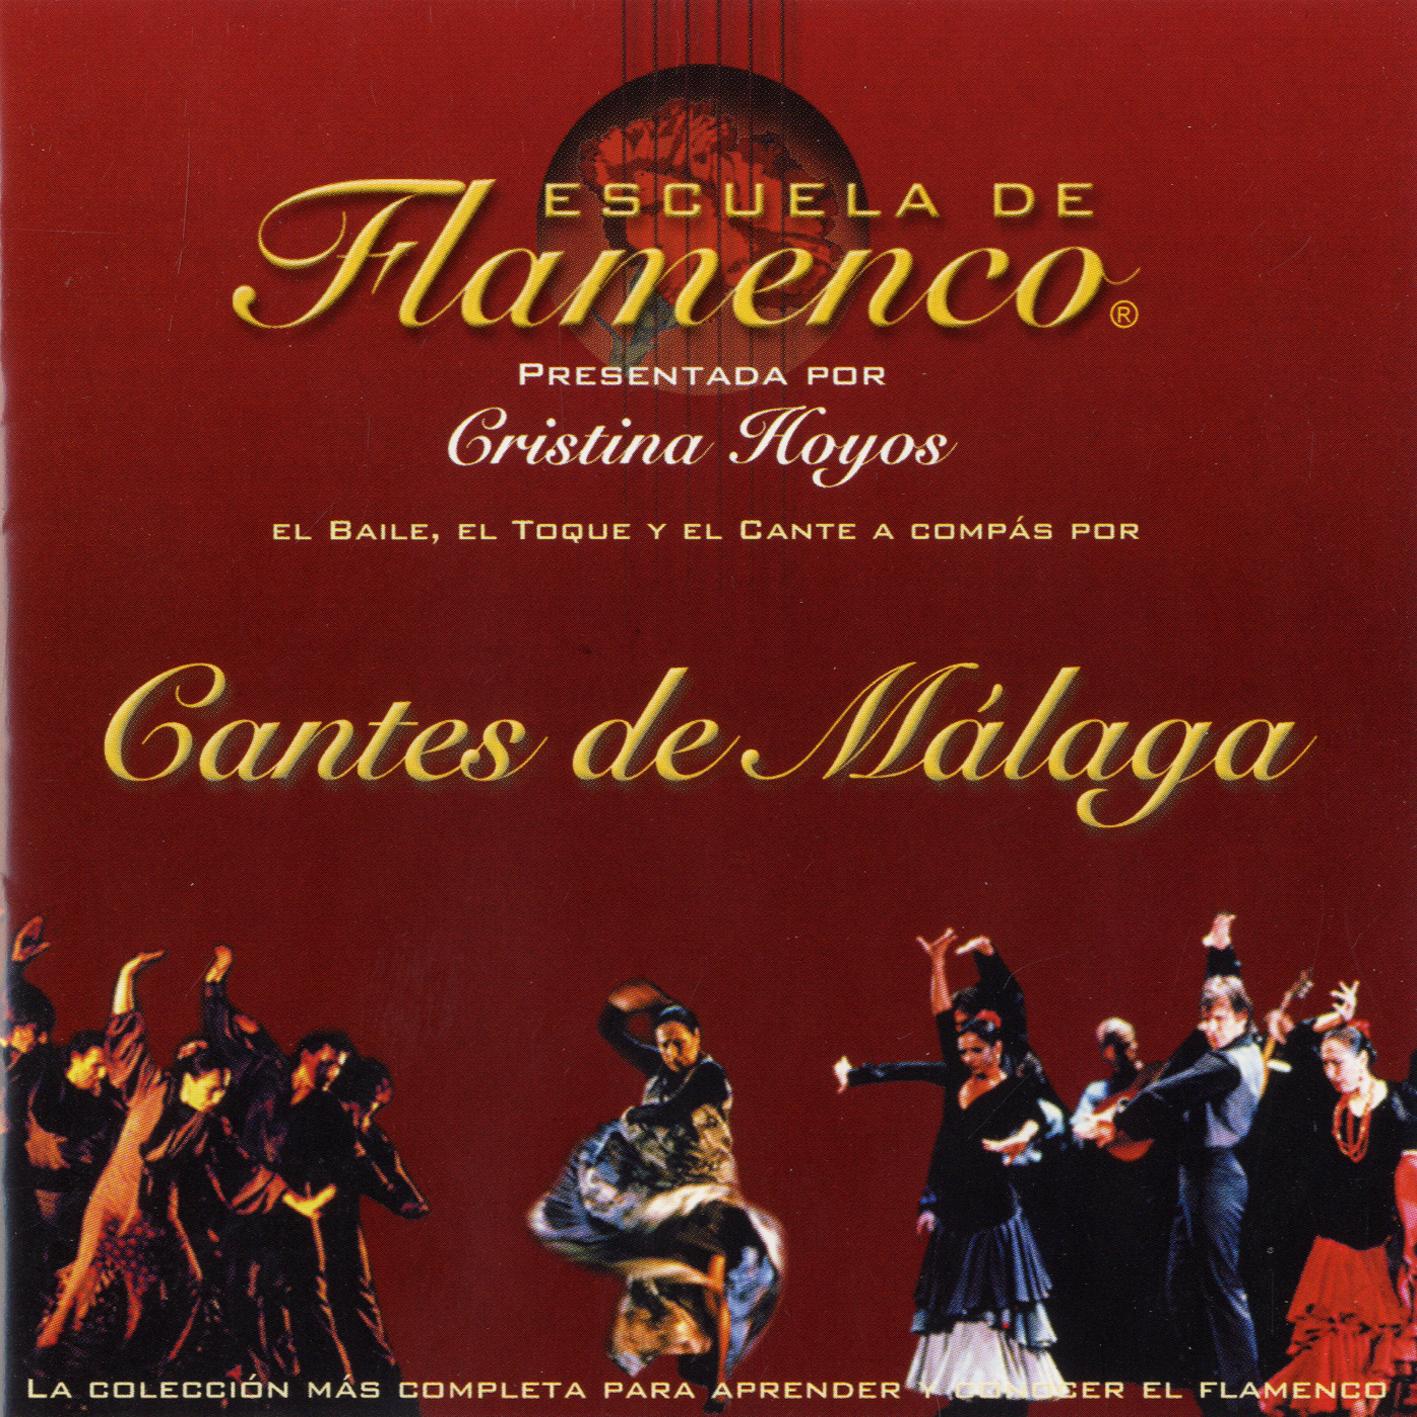 Cristina Hoyo mejores canciones para aprender a bailar flamenco